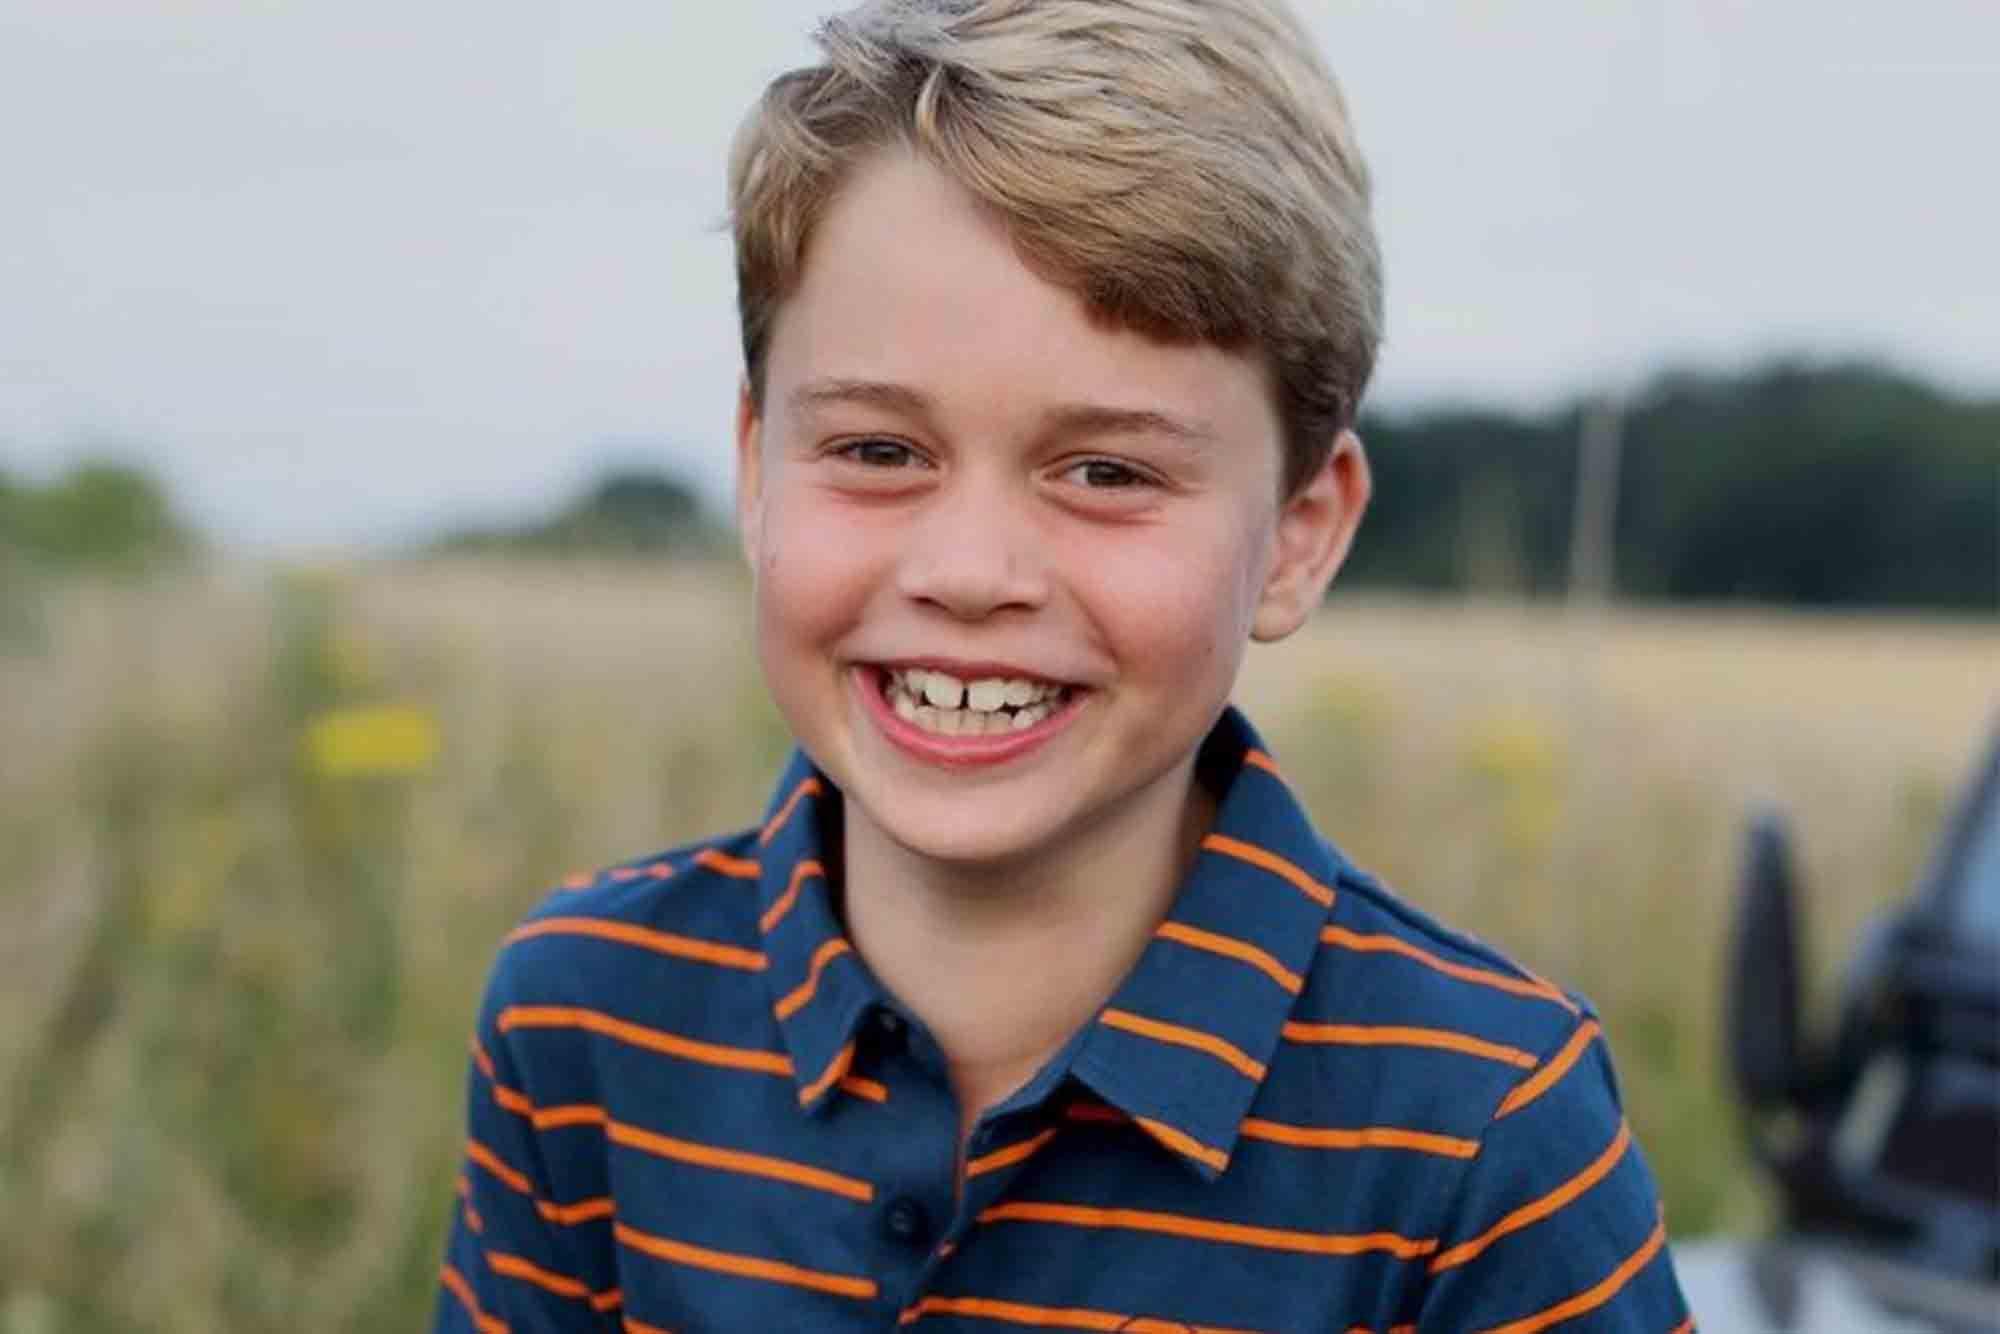 喬治小王子8歲了!11 張照片回顧「最萌皇室成員」進化史